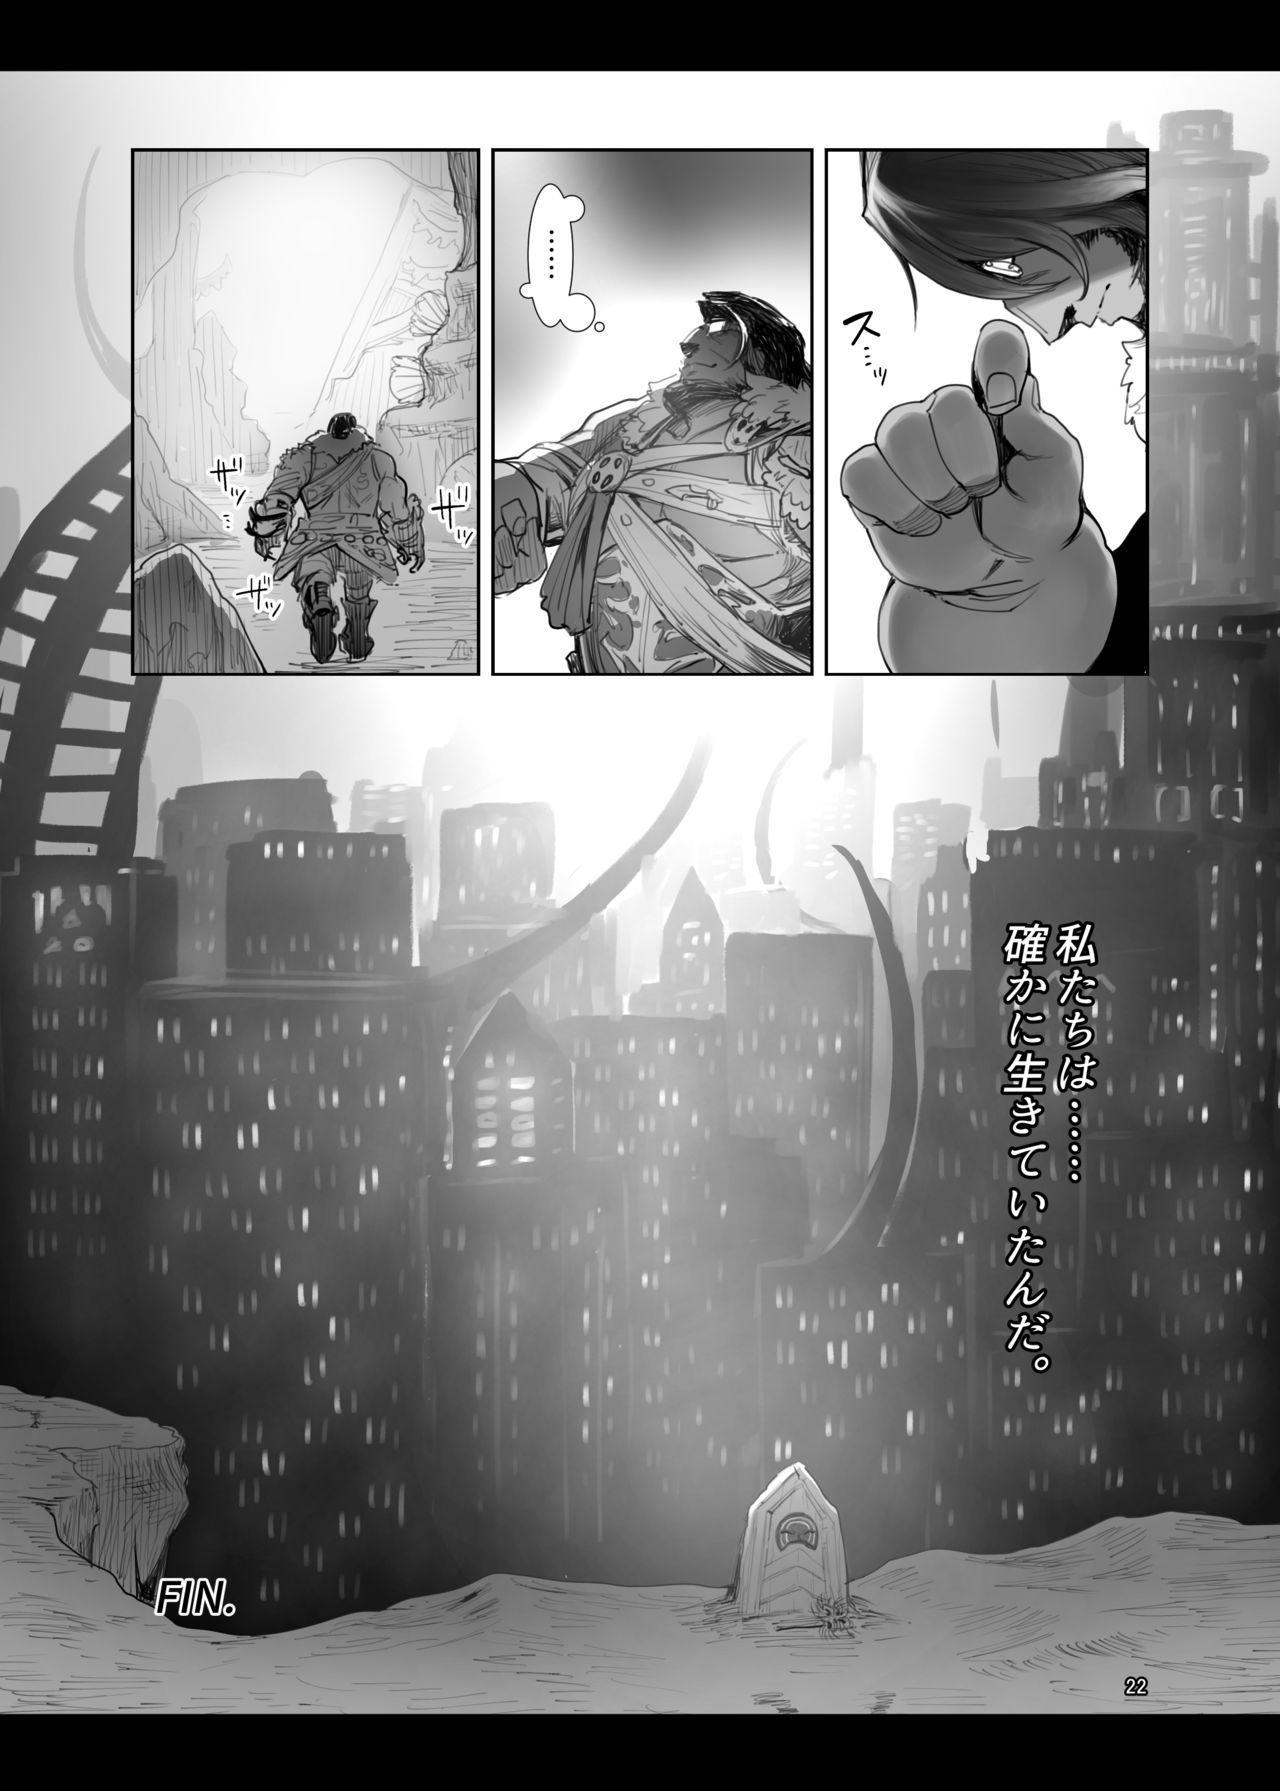 Souzou Mahou no Chottoshita Ouyou 21